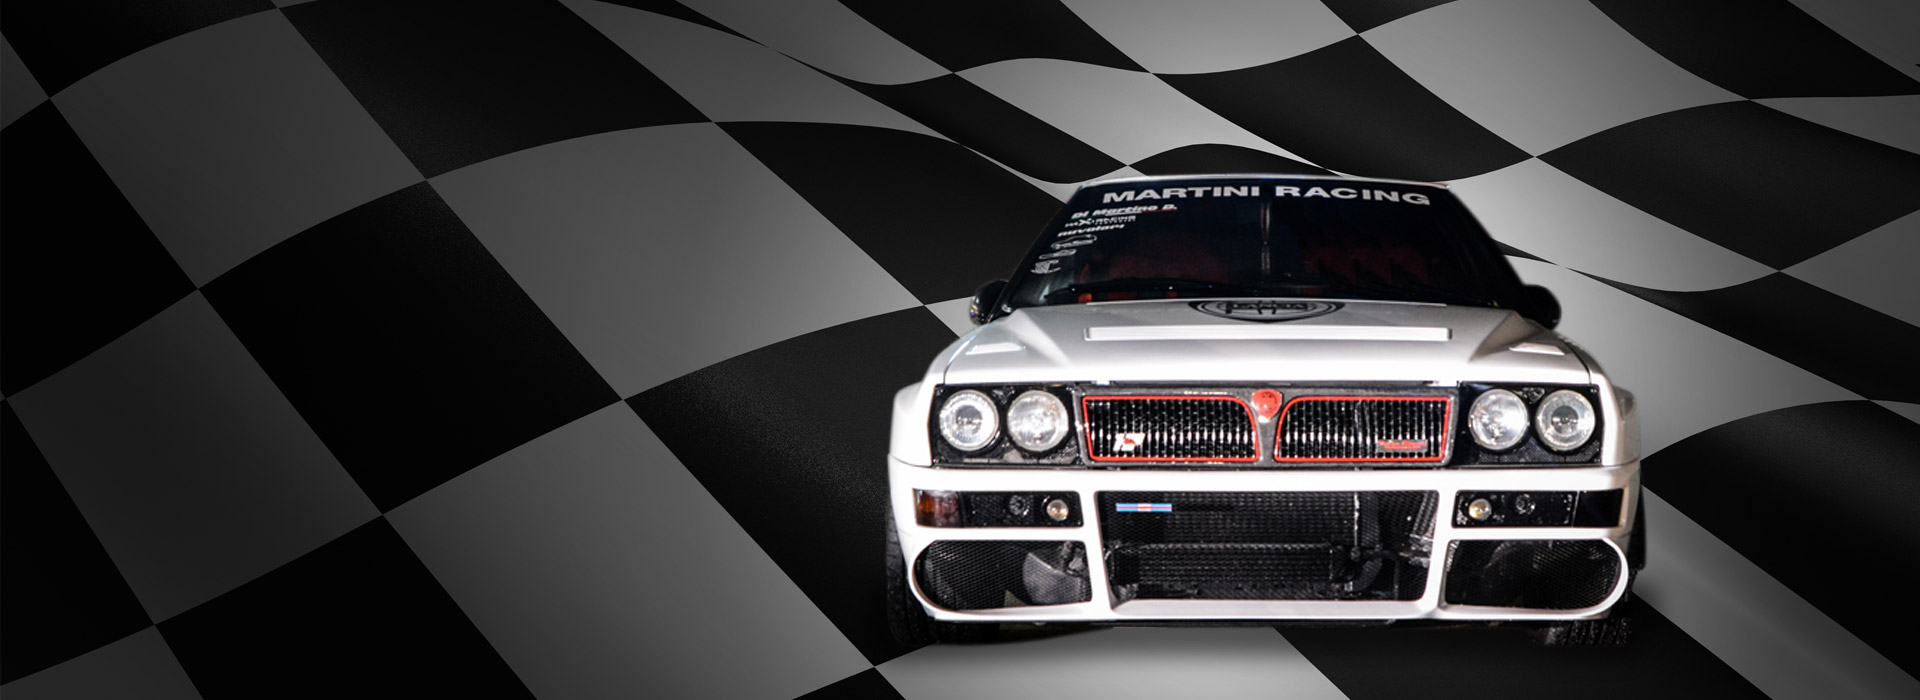 header-elaborazioni-torino-racing -elaborazioni autofficina parti speciali accessori ricambi auto usate riparazioni